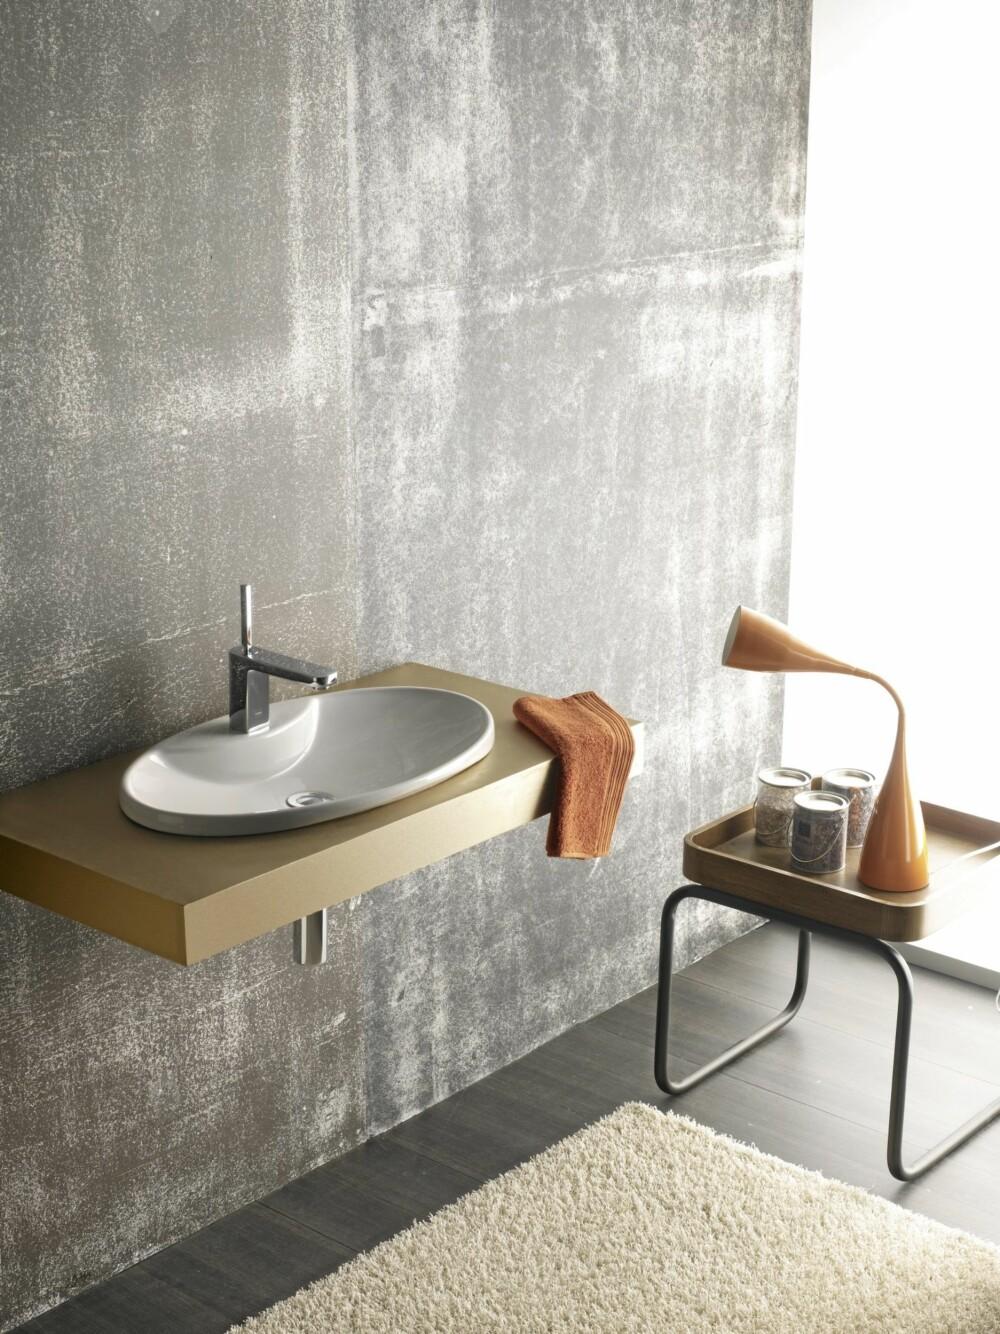 RUNDE FORMER: Det har lenge vært mye firkantete vasker, nå blir det mer av de runde formene.